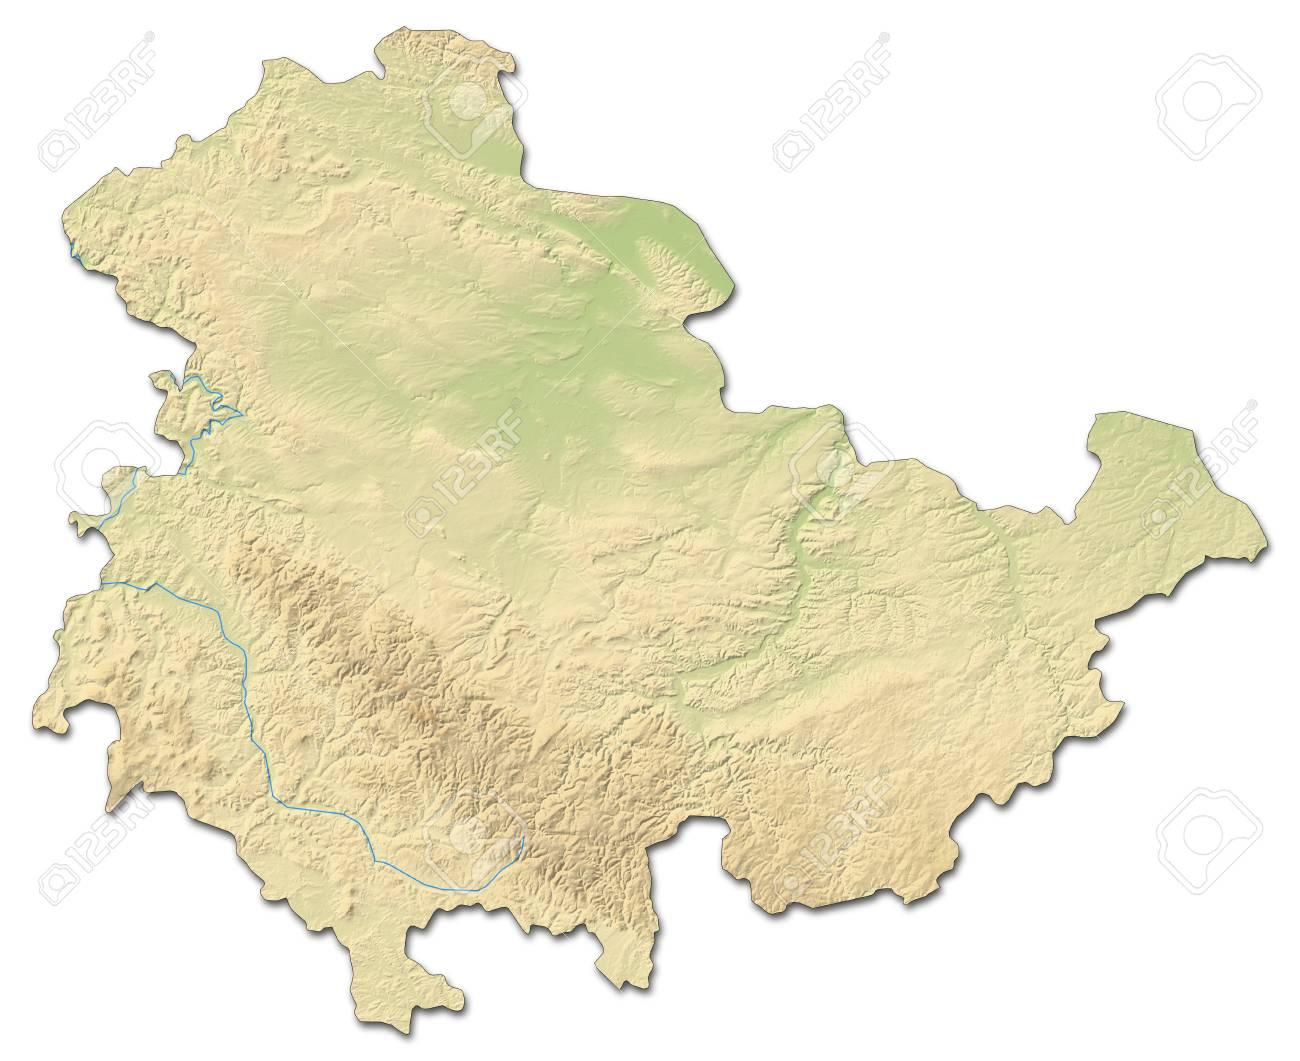 Carte Allemagne Thuringe.Carte En Relief De Thuringe Une Province D Allemagne Avec Un